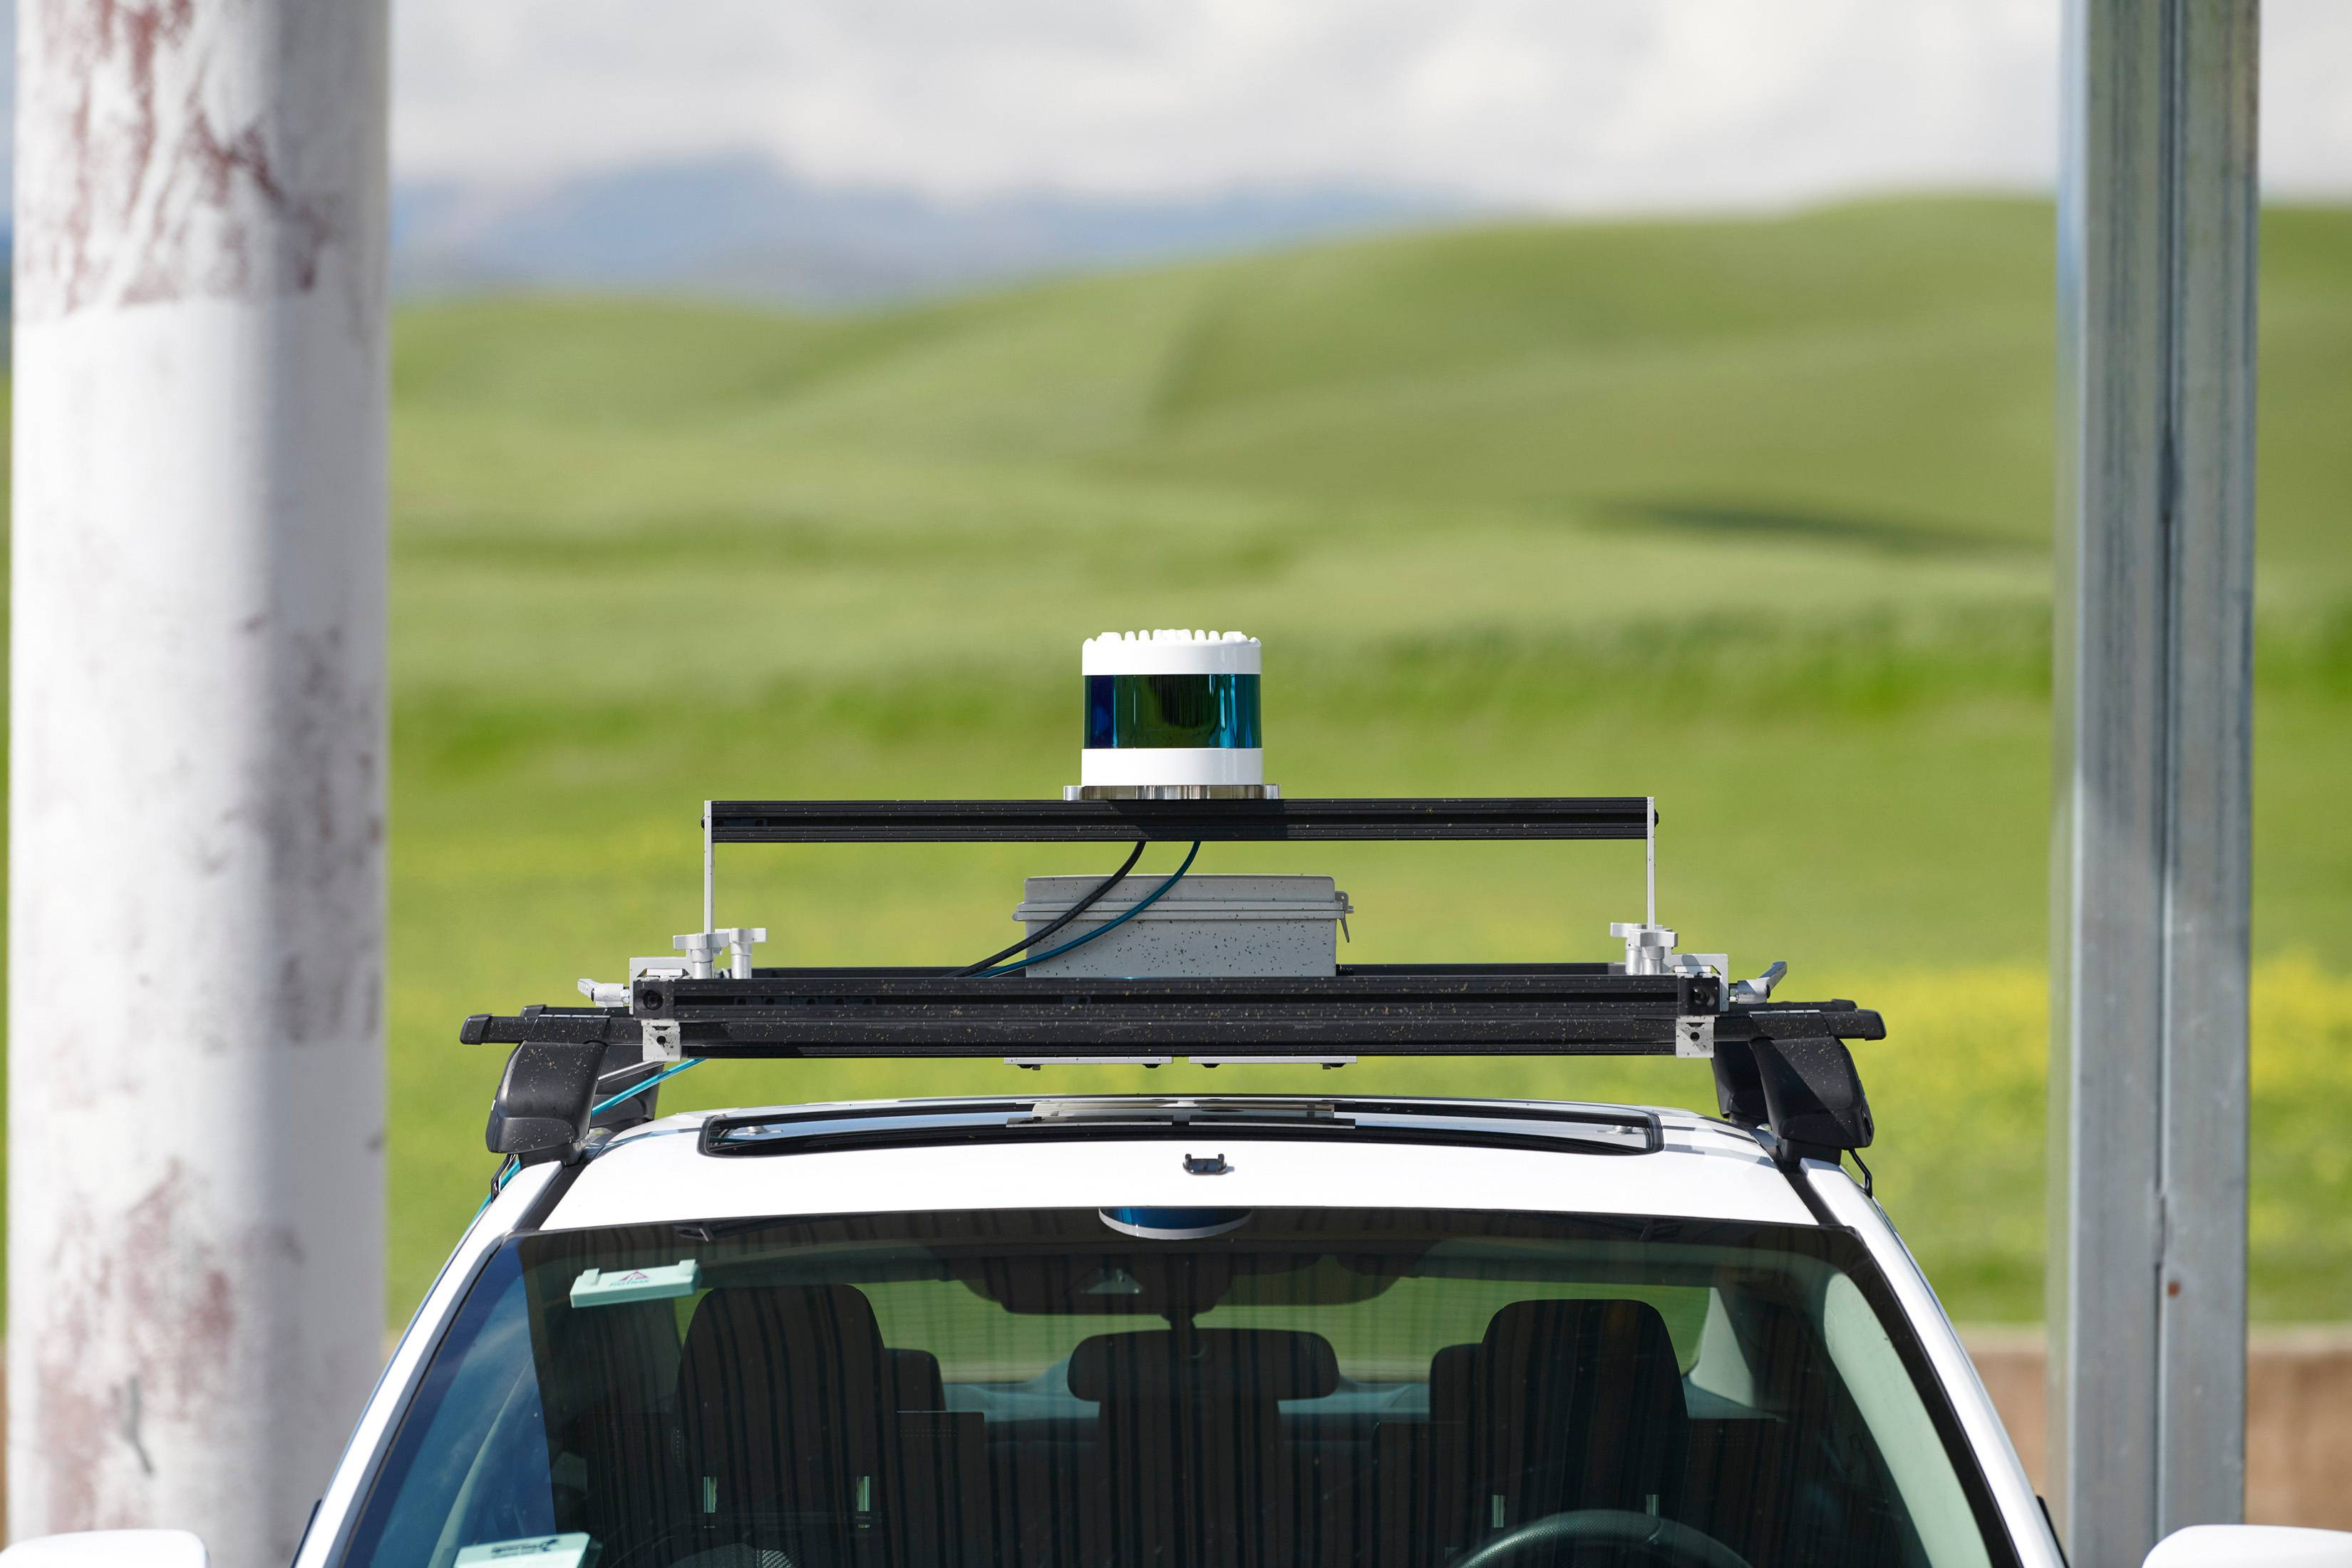 <br />Detalhe da equipe Velodyne Lidar, durante a Self Racing Cars, um evento anual de pista aberta para veículos autônomos, na Califórnia.